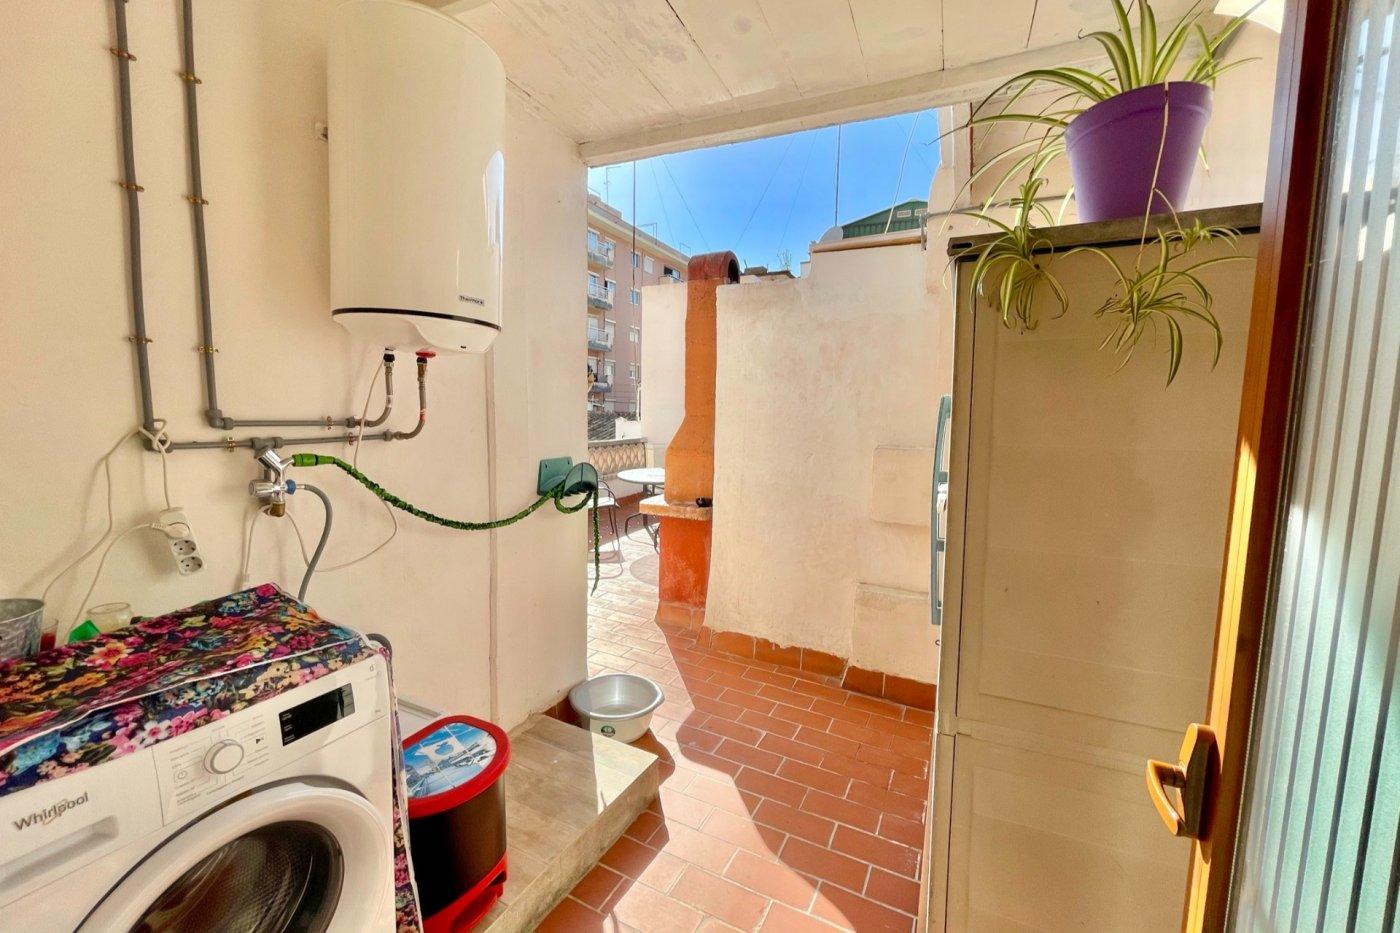 Piso amueblado de 57 m² de superficie con balcón, terraza y barbacoa en la zona de son cot - imagenInmueble11